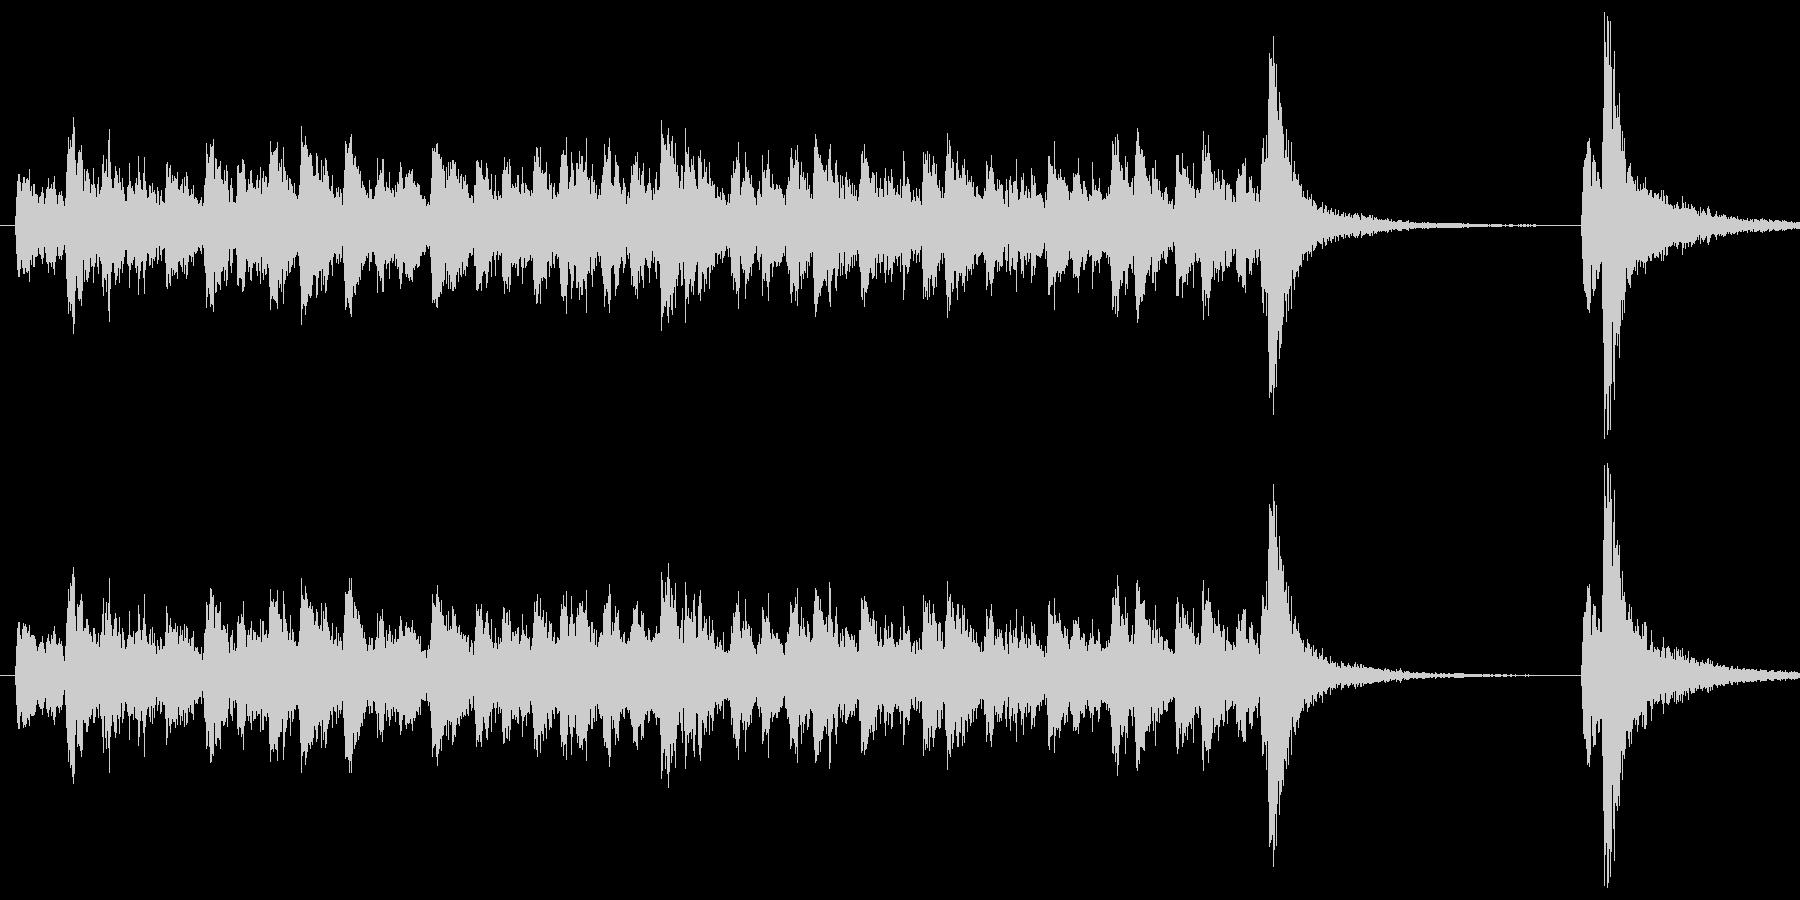 ダラララララ、ダン!というドラムロール…の未再生の波形